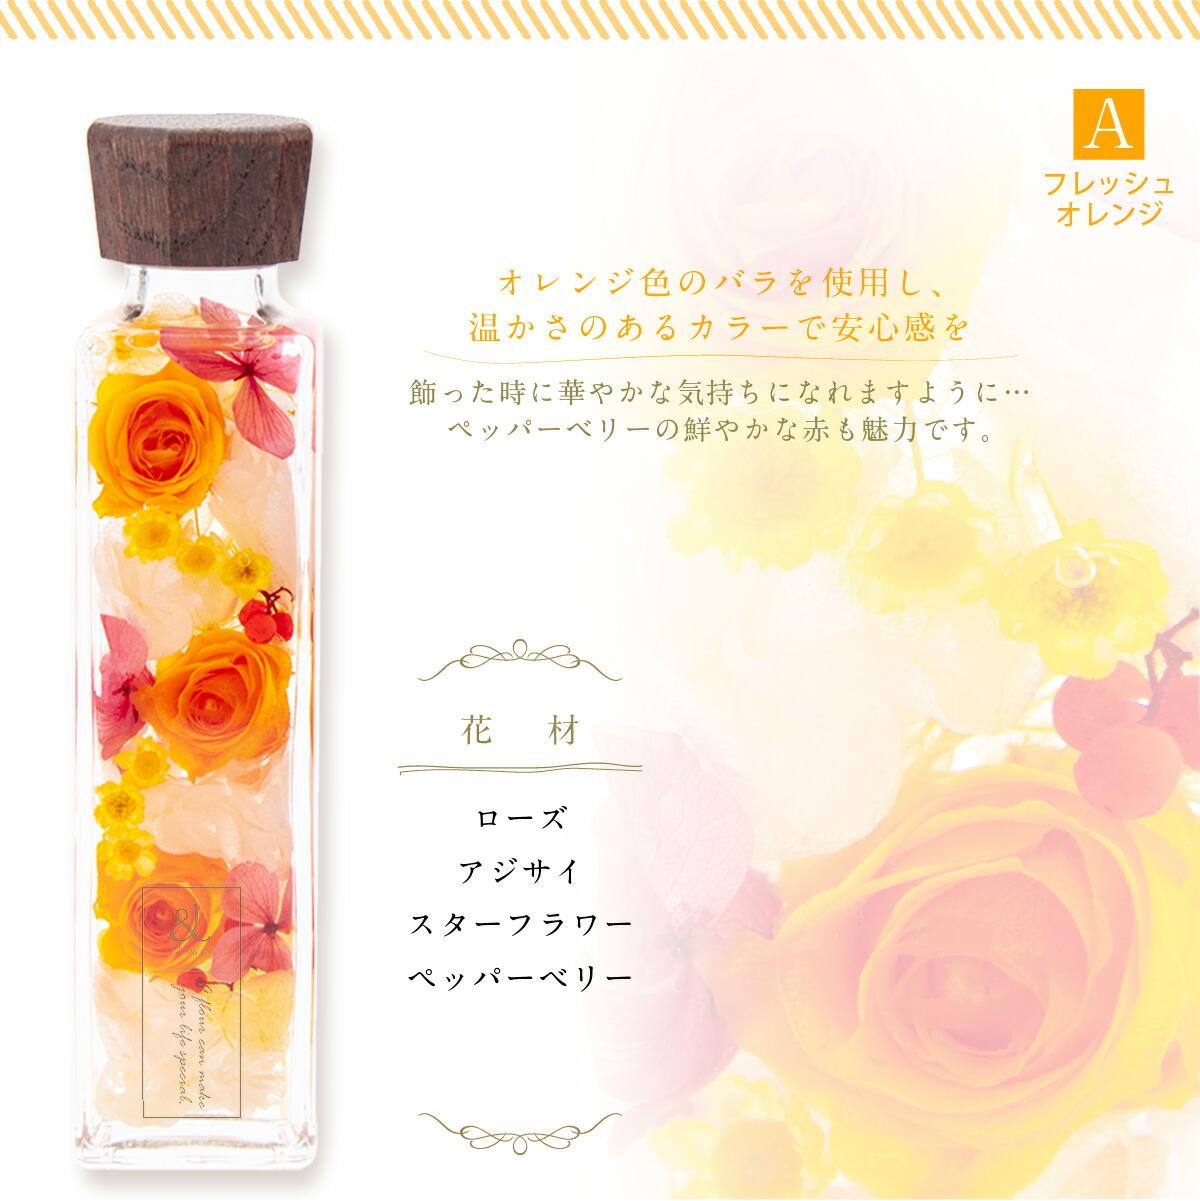 オレンジ色のバラを使用し、温かさのあるカラーで安心感を。飾った時に華やかな気持ちいなれますように。ペッパーベリーの鮮やかな赤も魅力です。花材はローズ(バラ)・あじさい・スターフラワー・ペッパーベリー